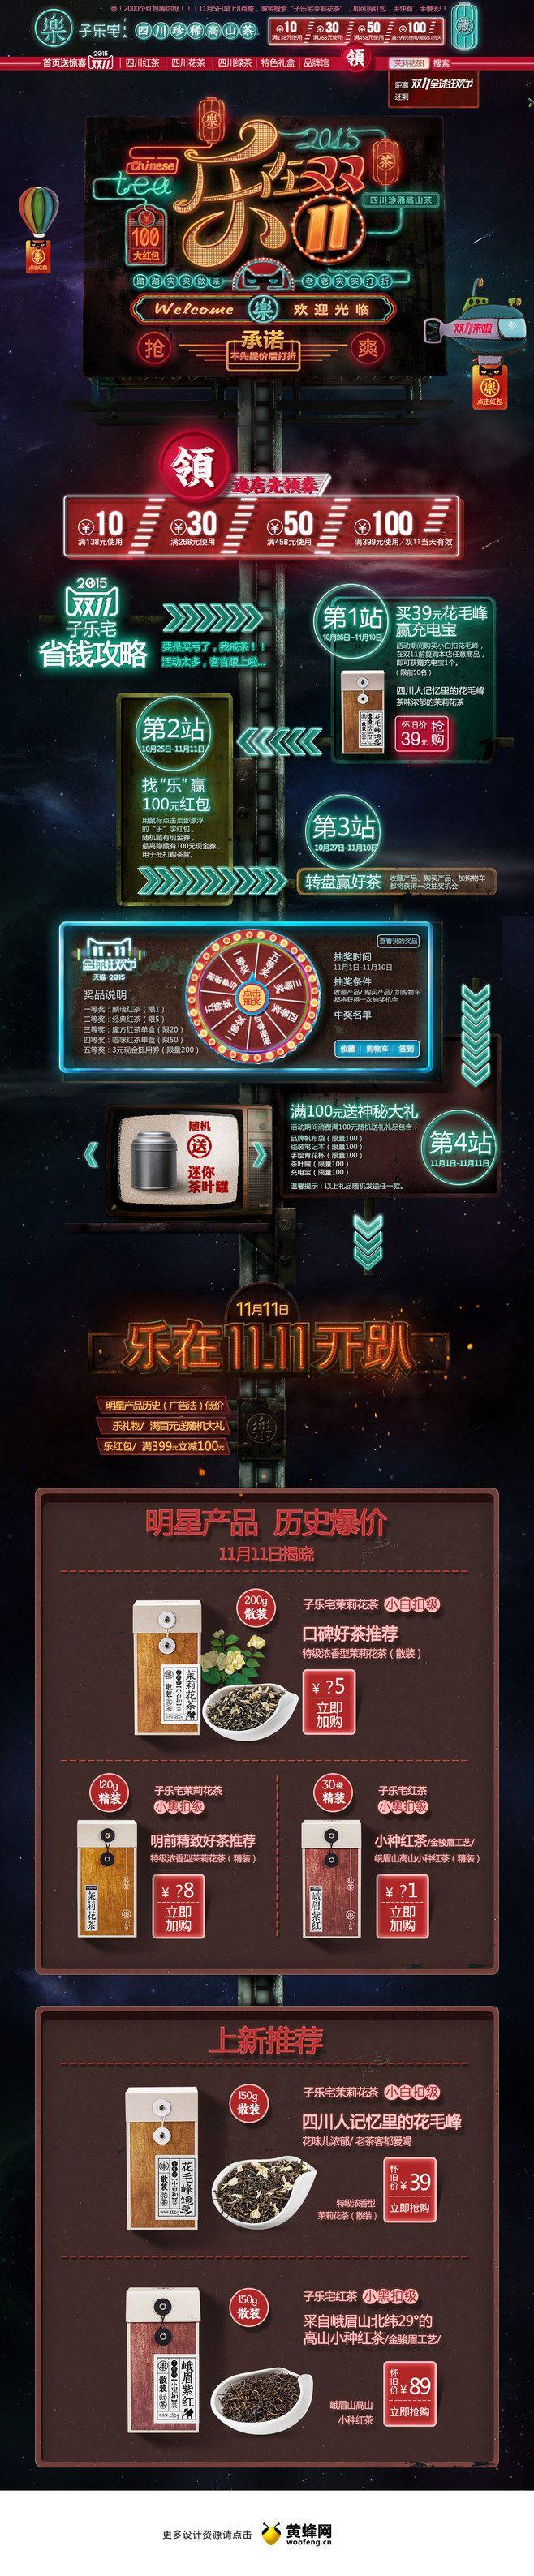 淘宝-飞梵采集到Web.Interface.Asia(1622图)_花瓣UI/UX